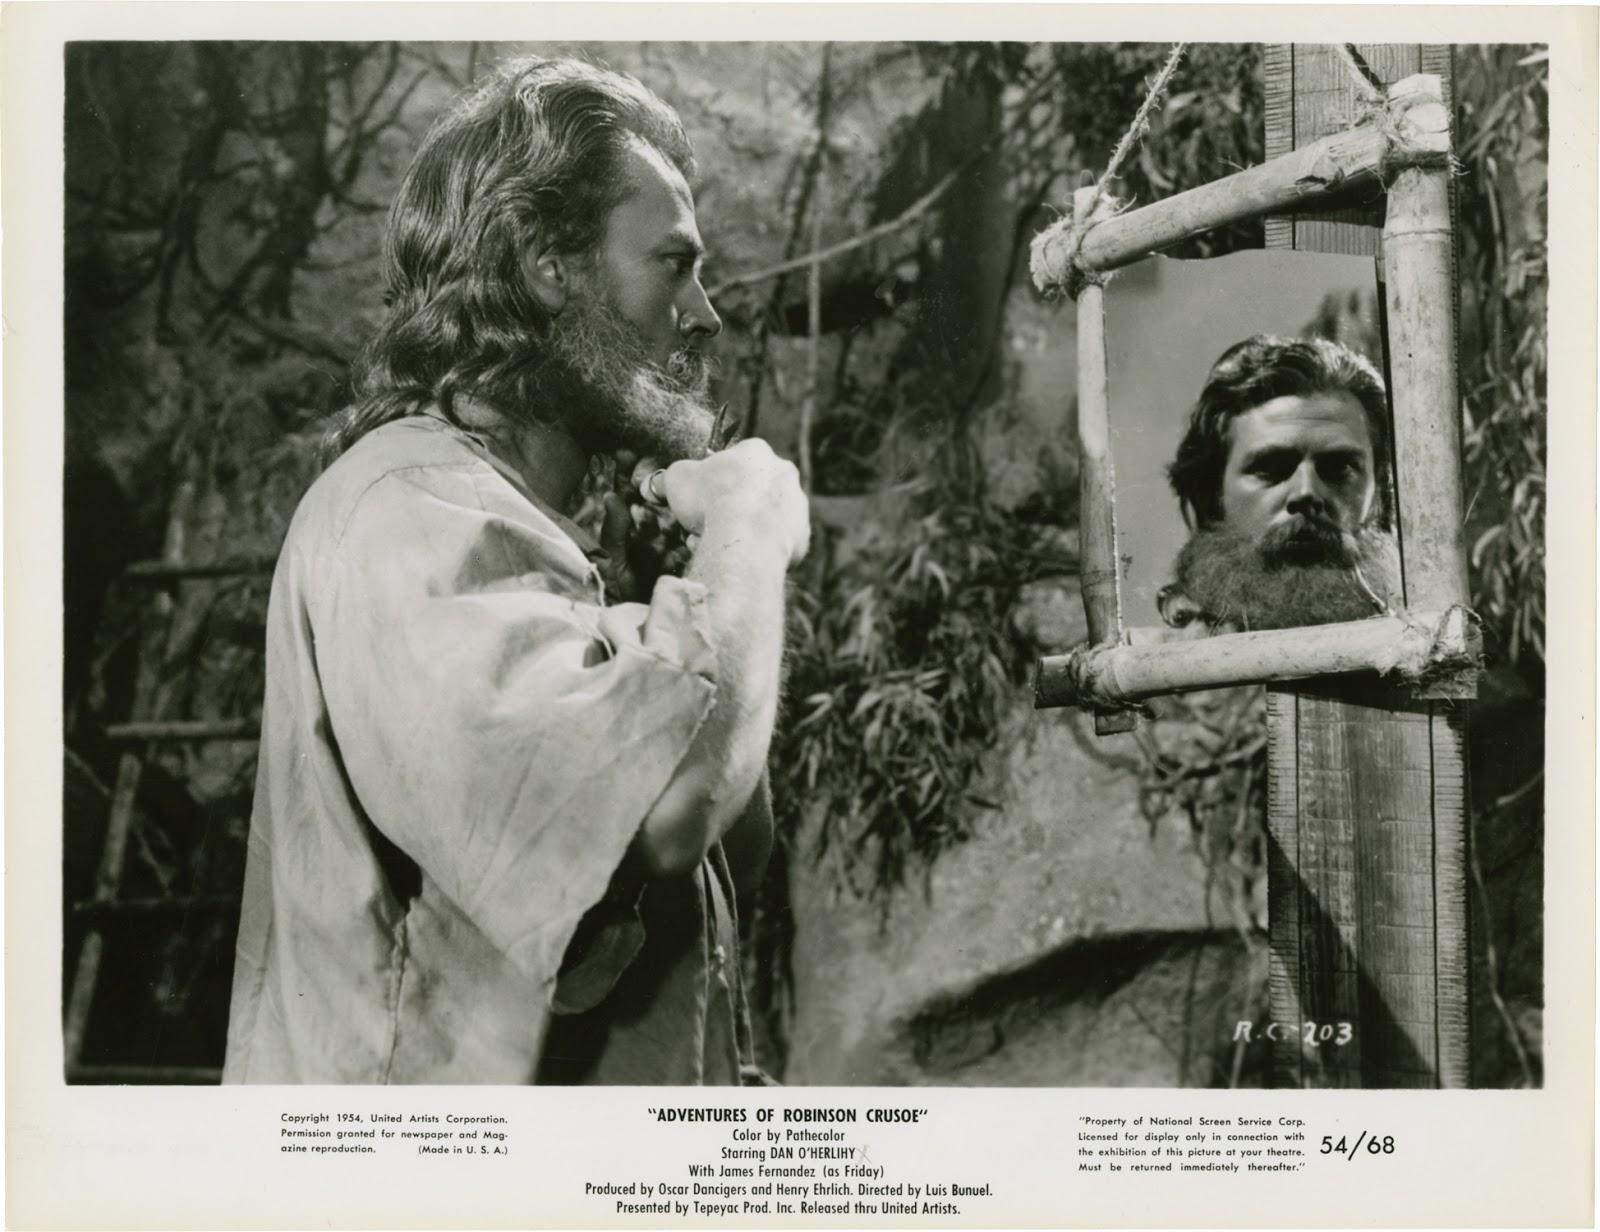 Robinson Crusoe - Luis Buñuel - imagen promoción - película